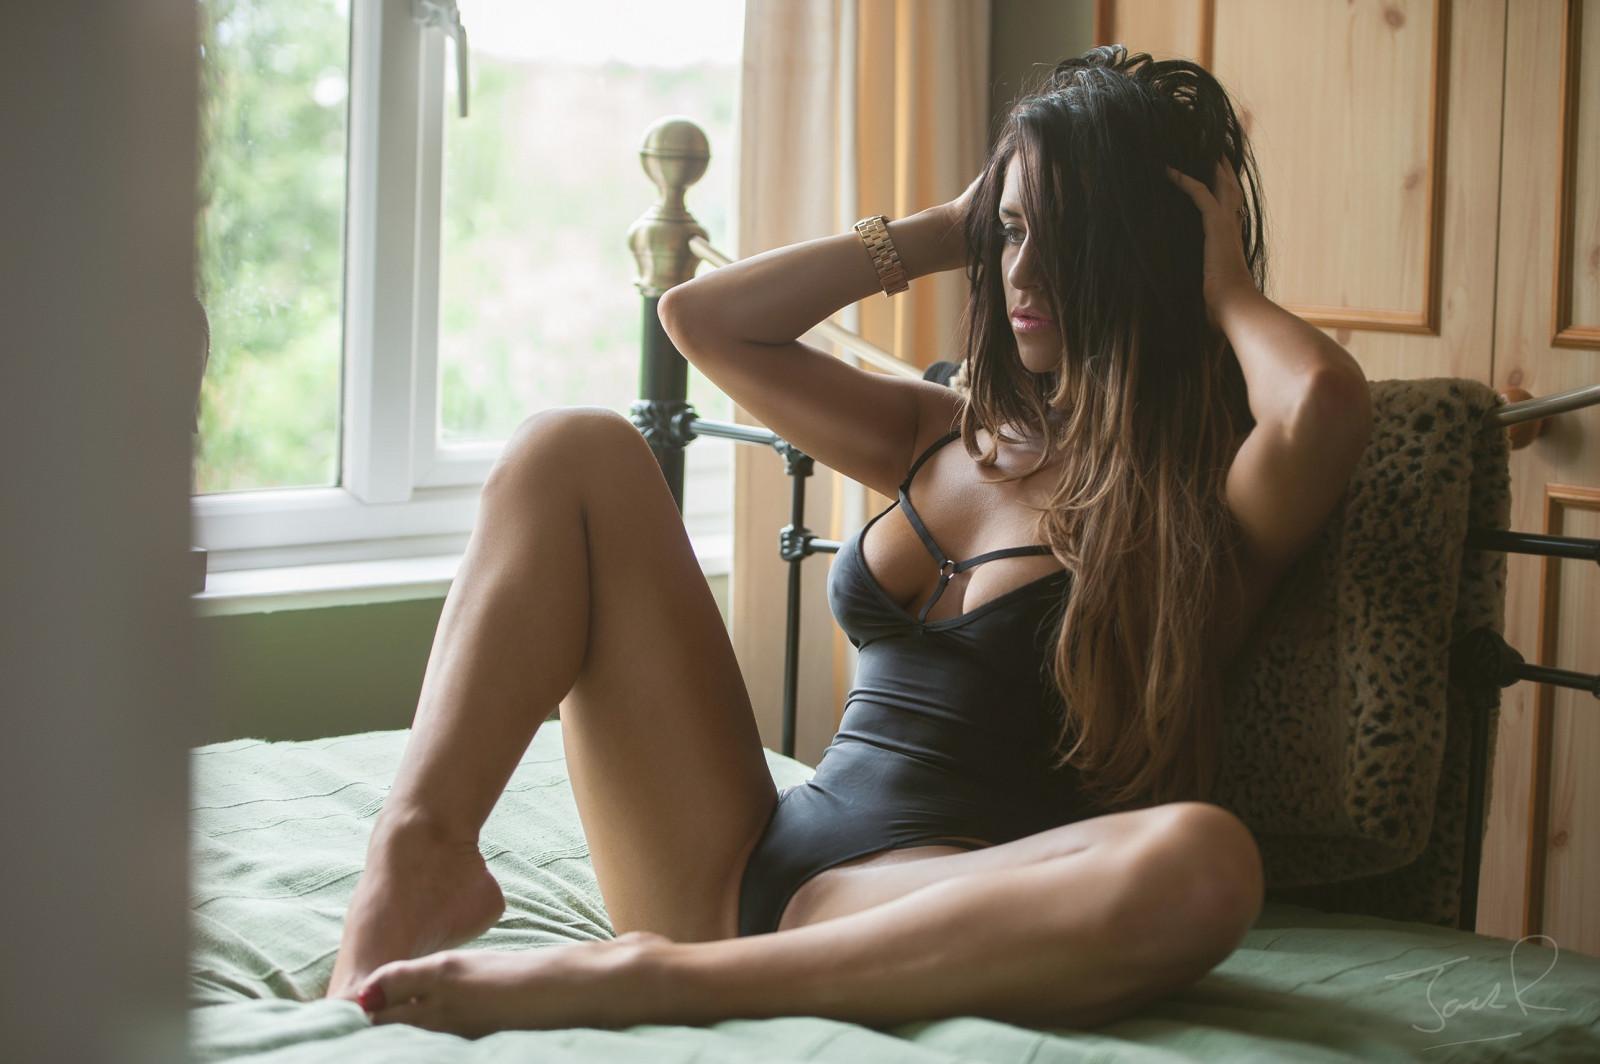 девушки в сексуальных позах в контакте фактам